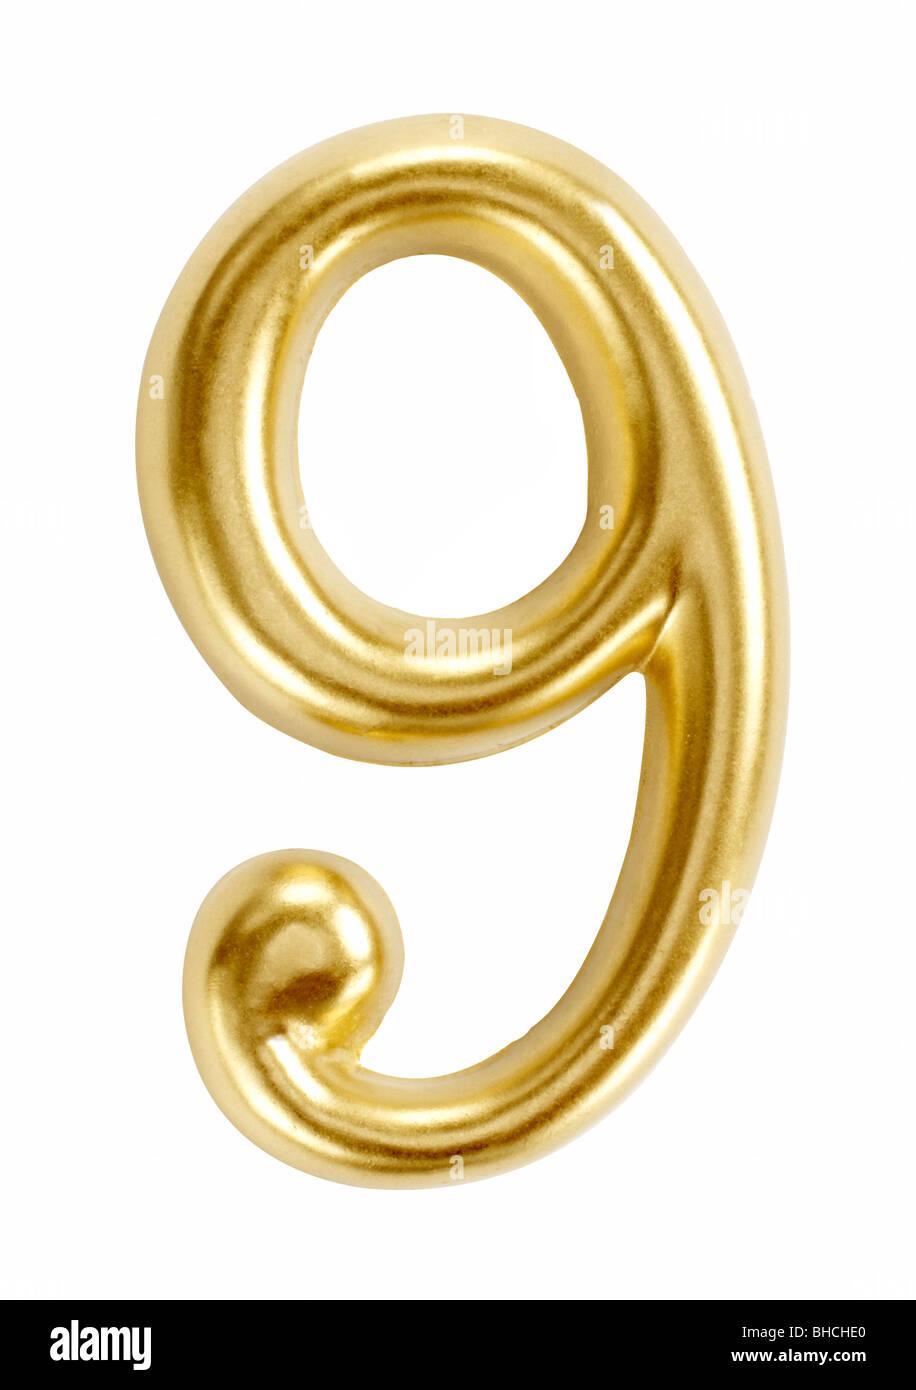 number numbers nine 9 symbol figure digit - Stock Image